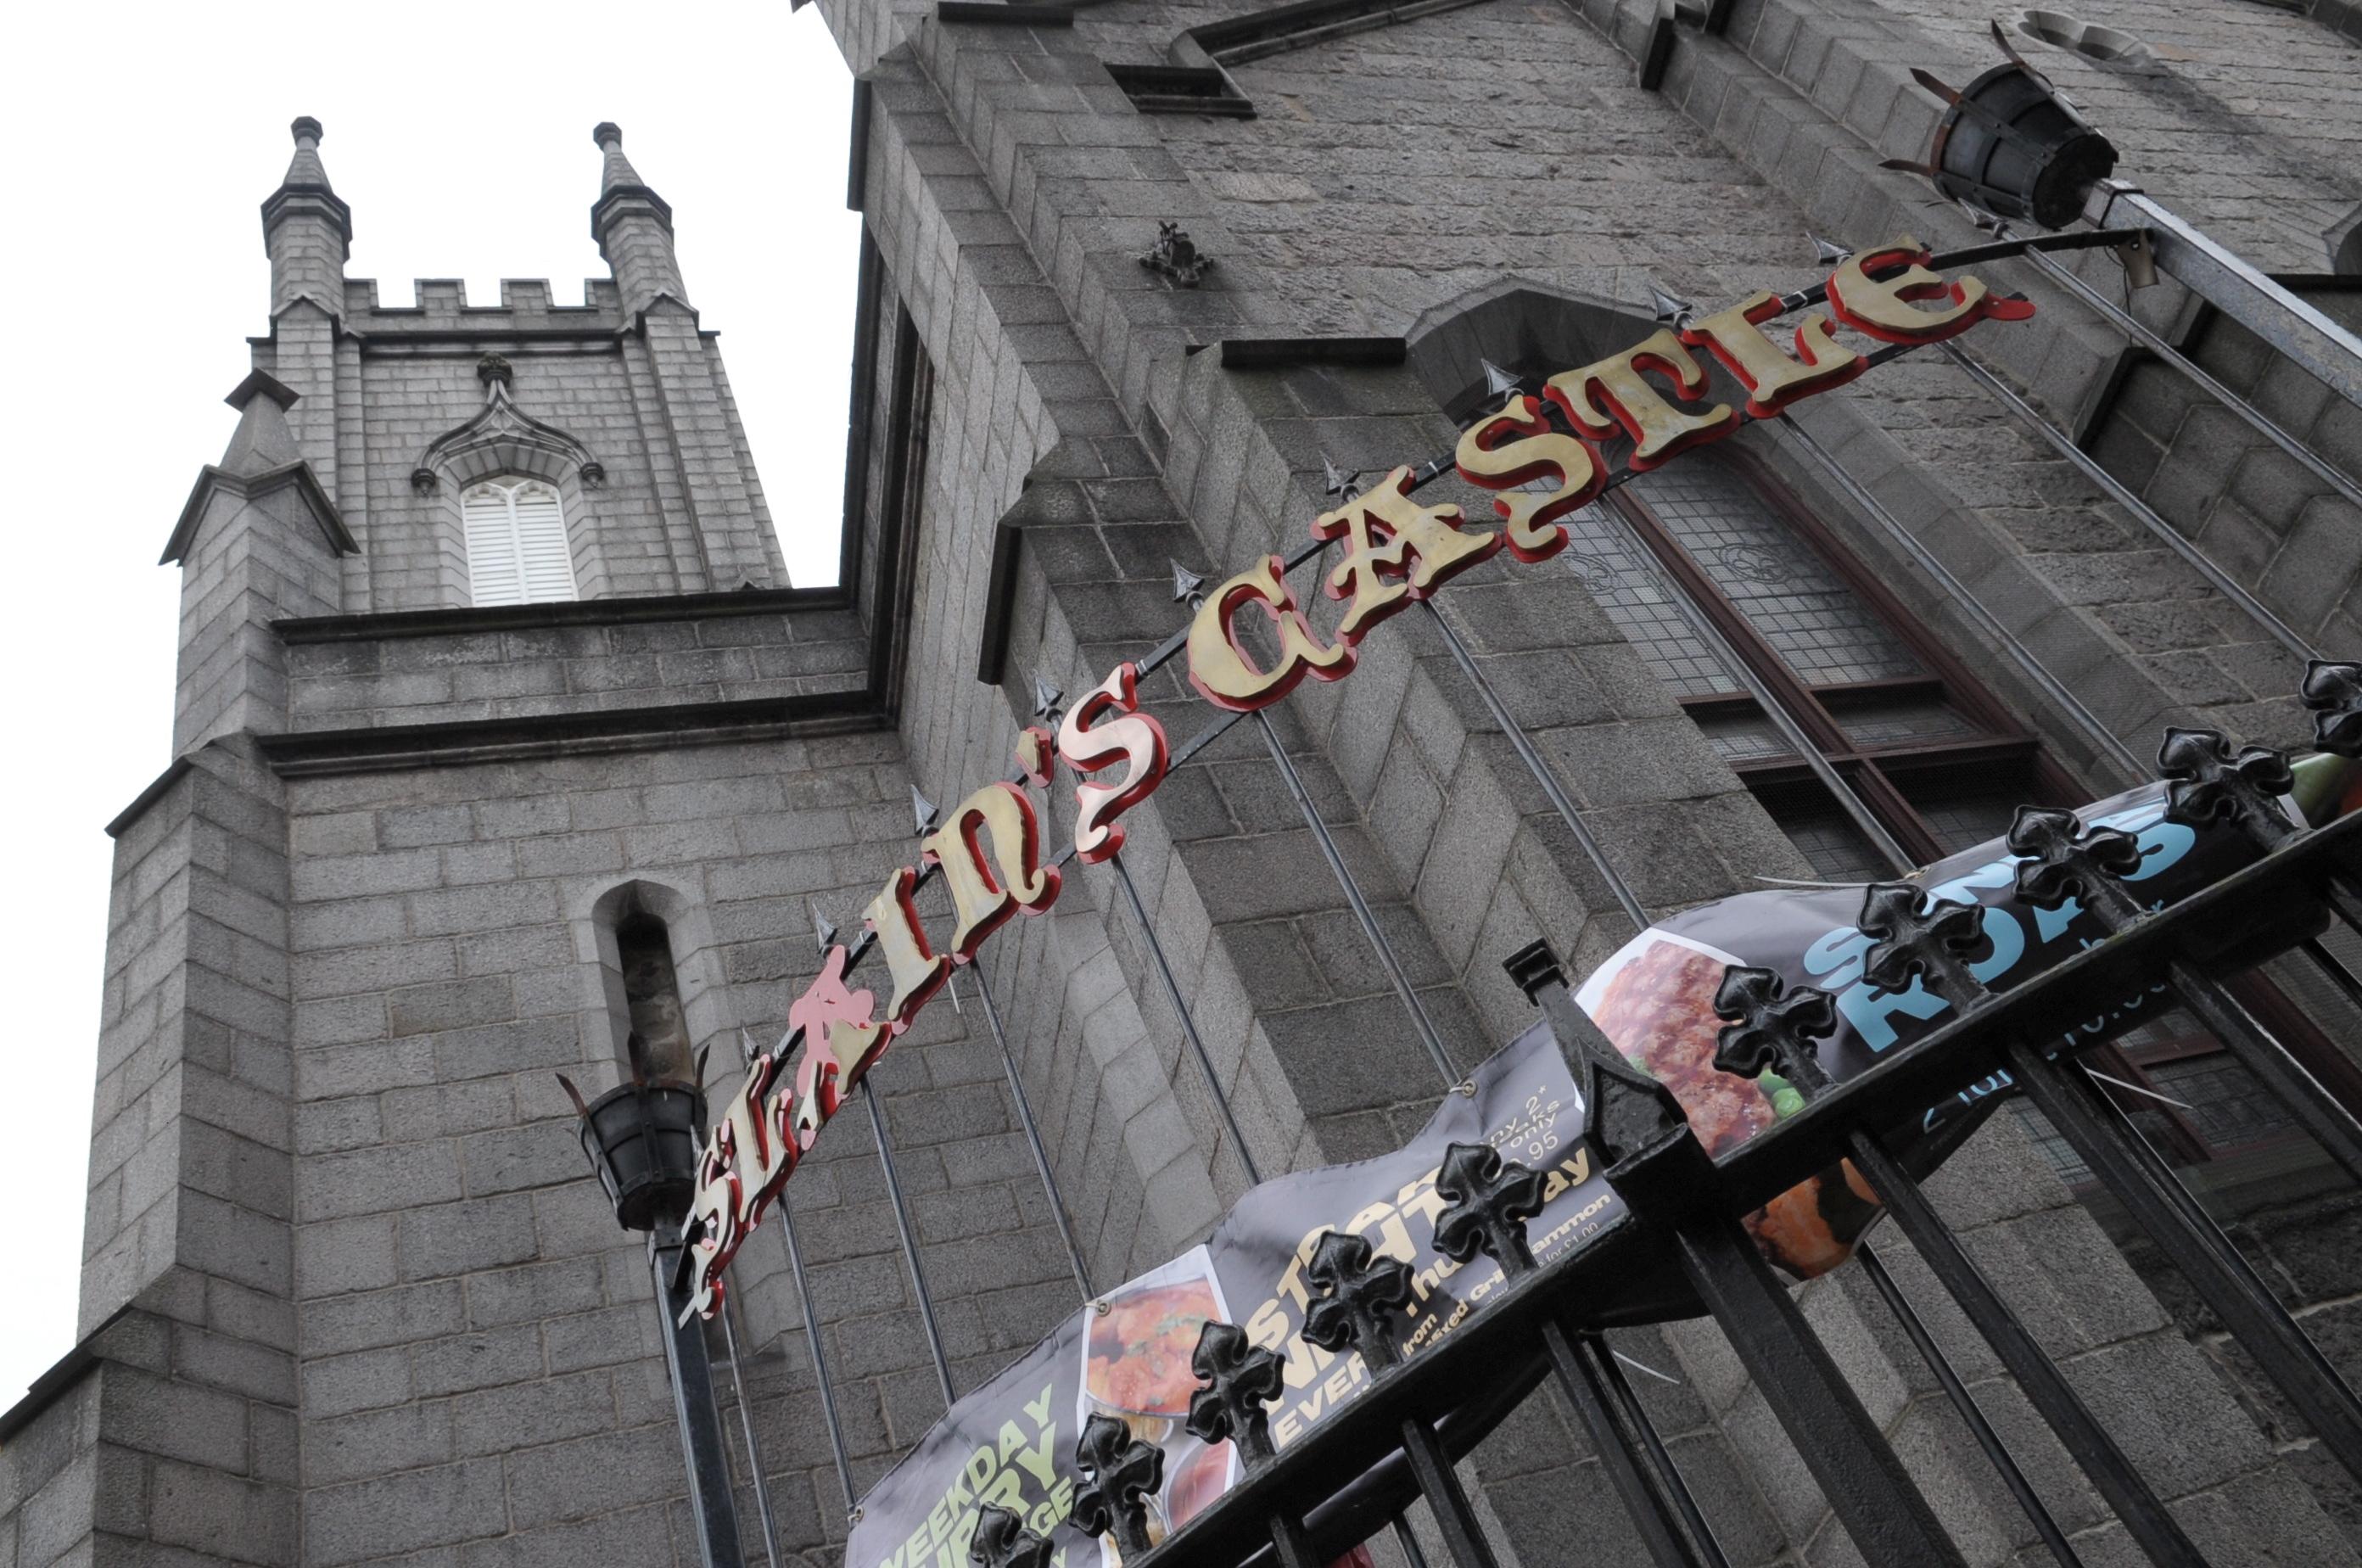 Slain's Castle on Aberdeen's be